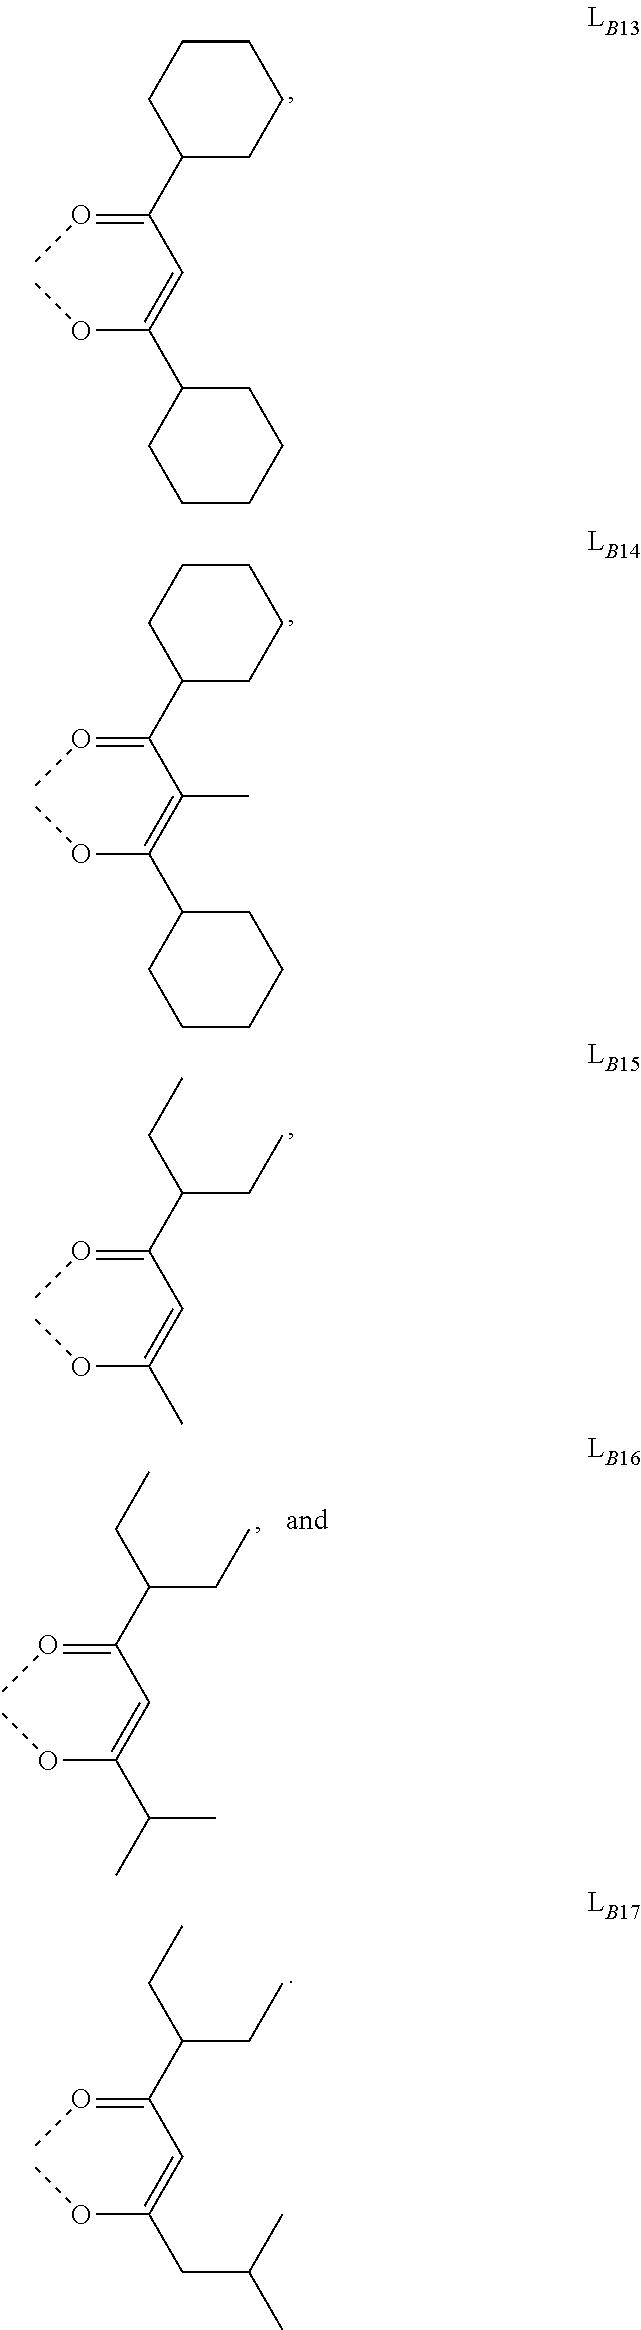 Figure US09859510-20180102-C00022